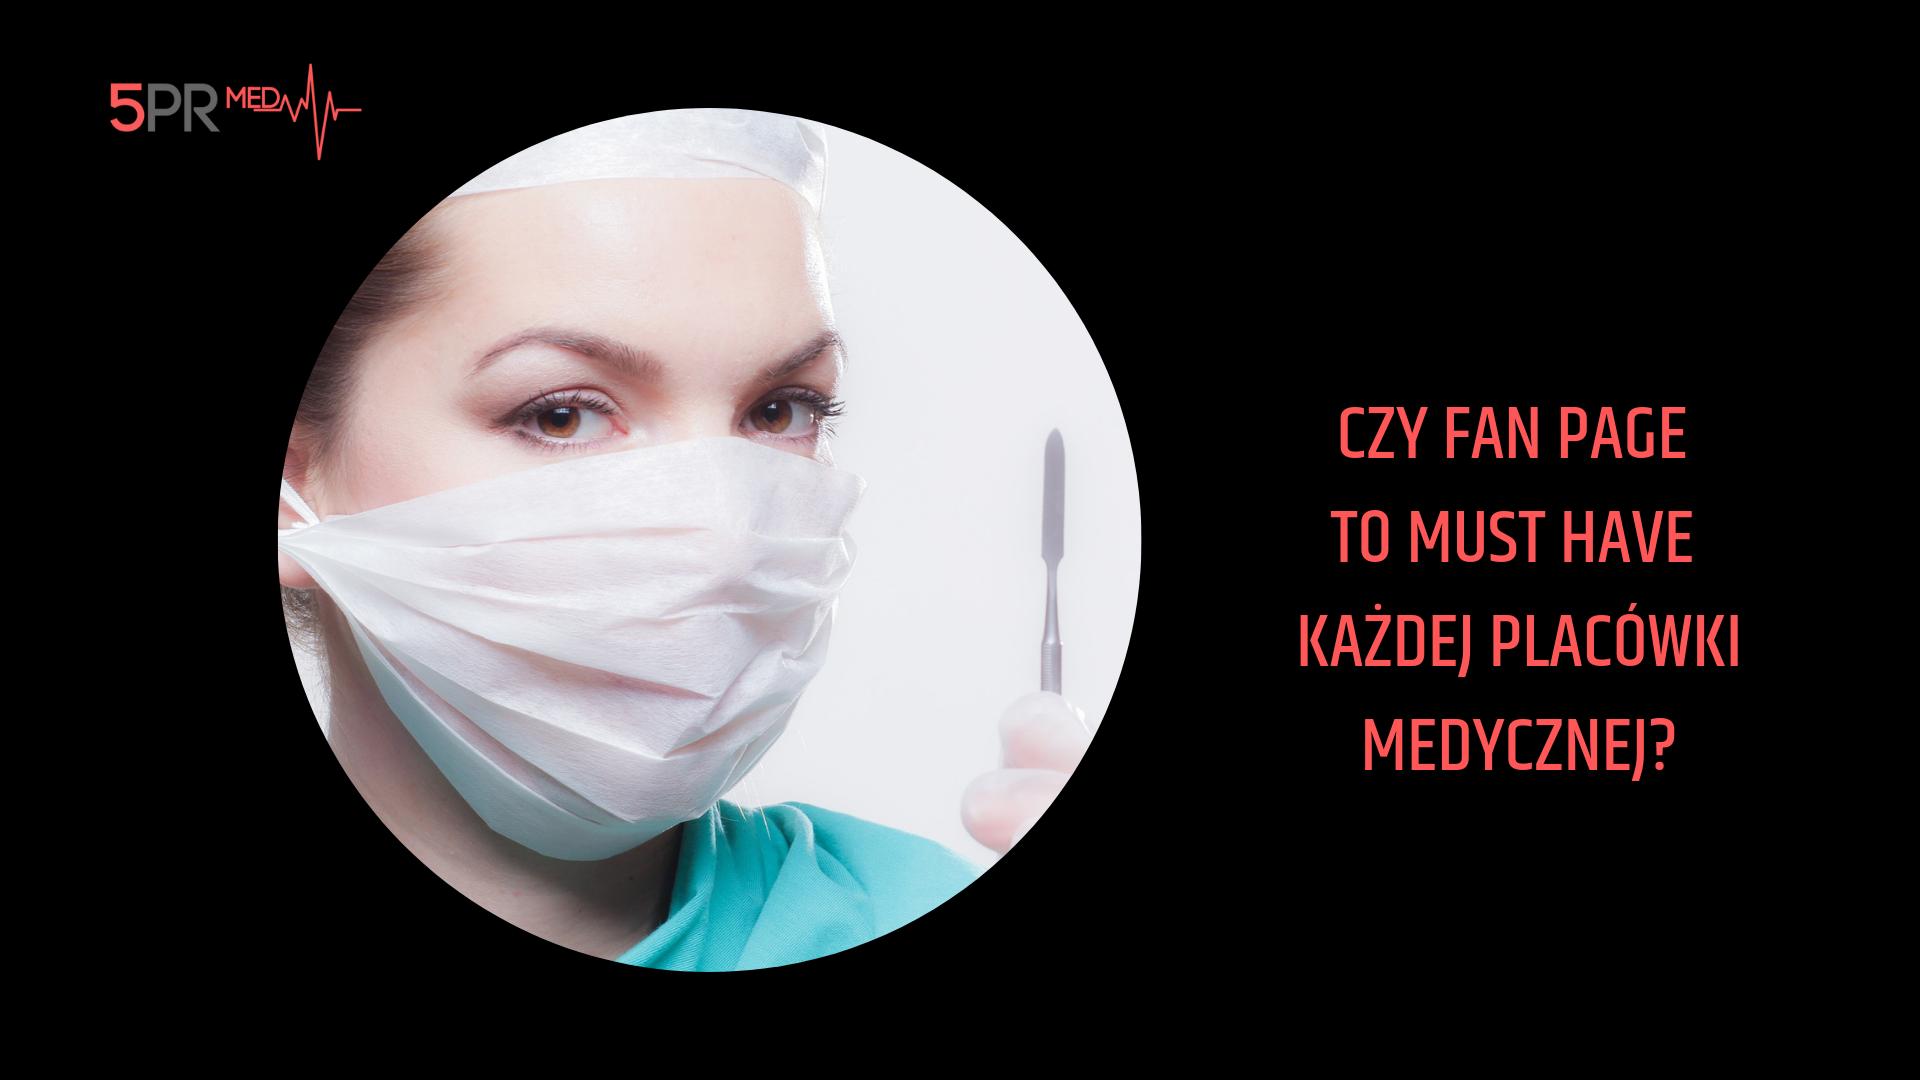 fan page medyczny